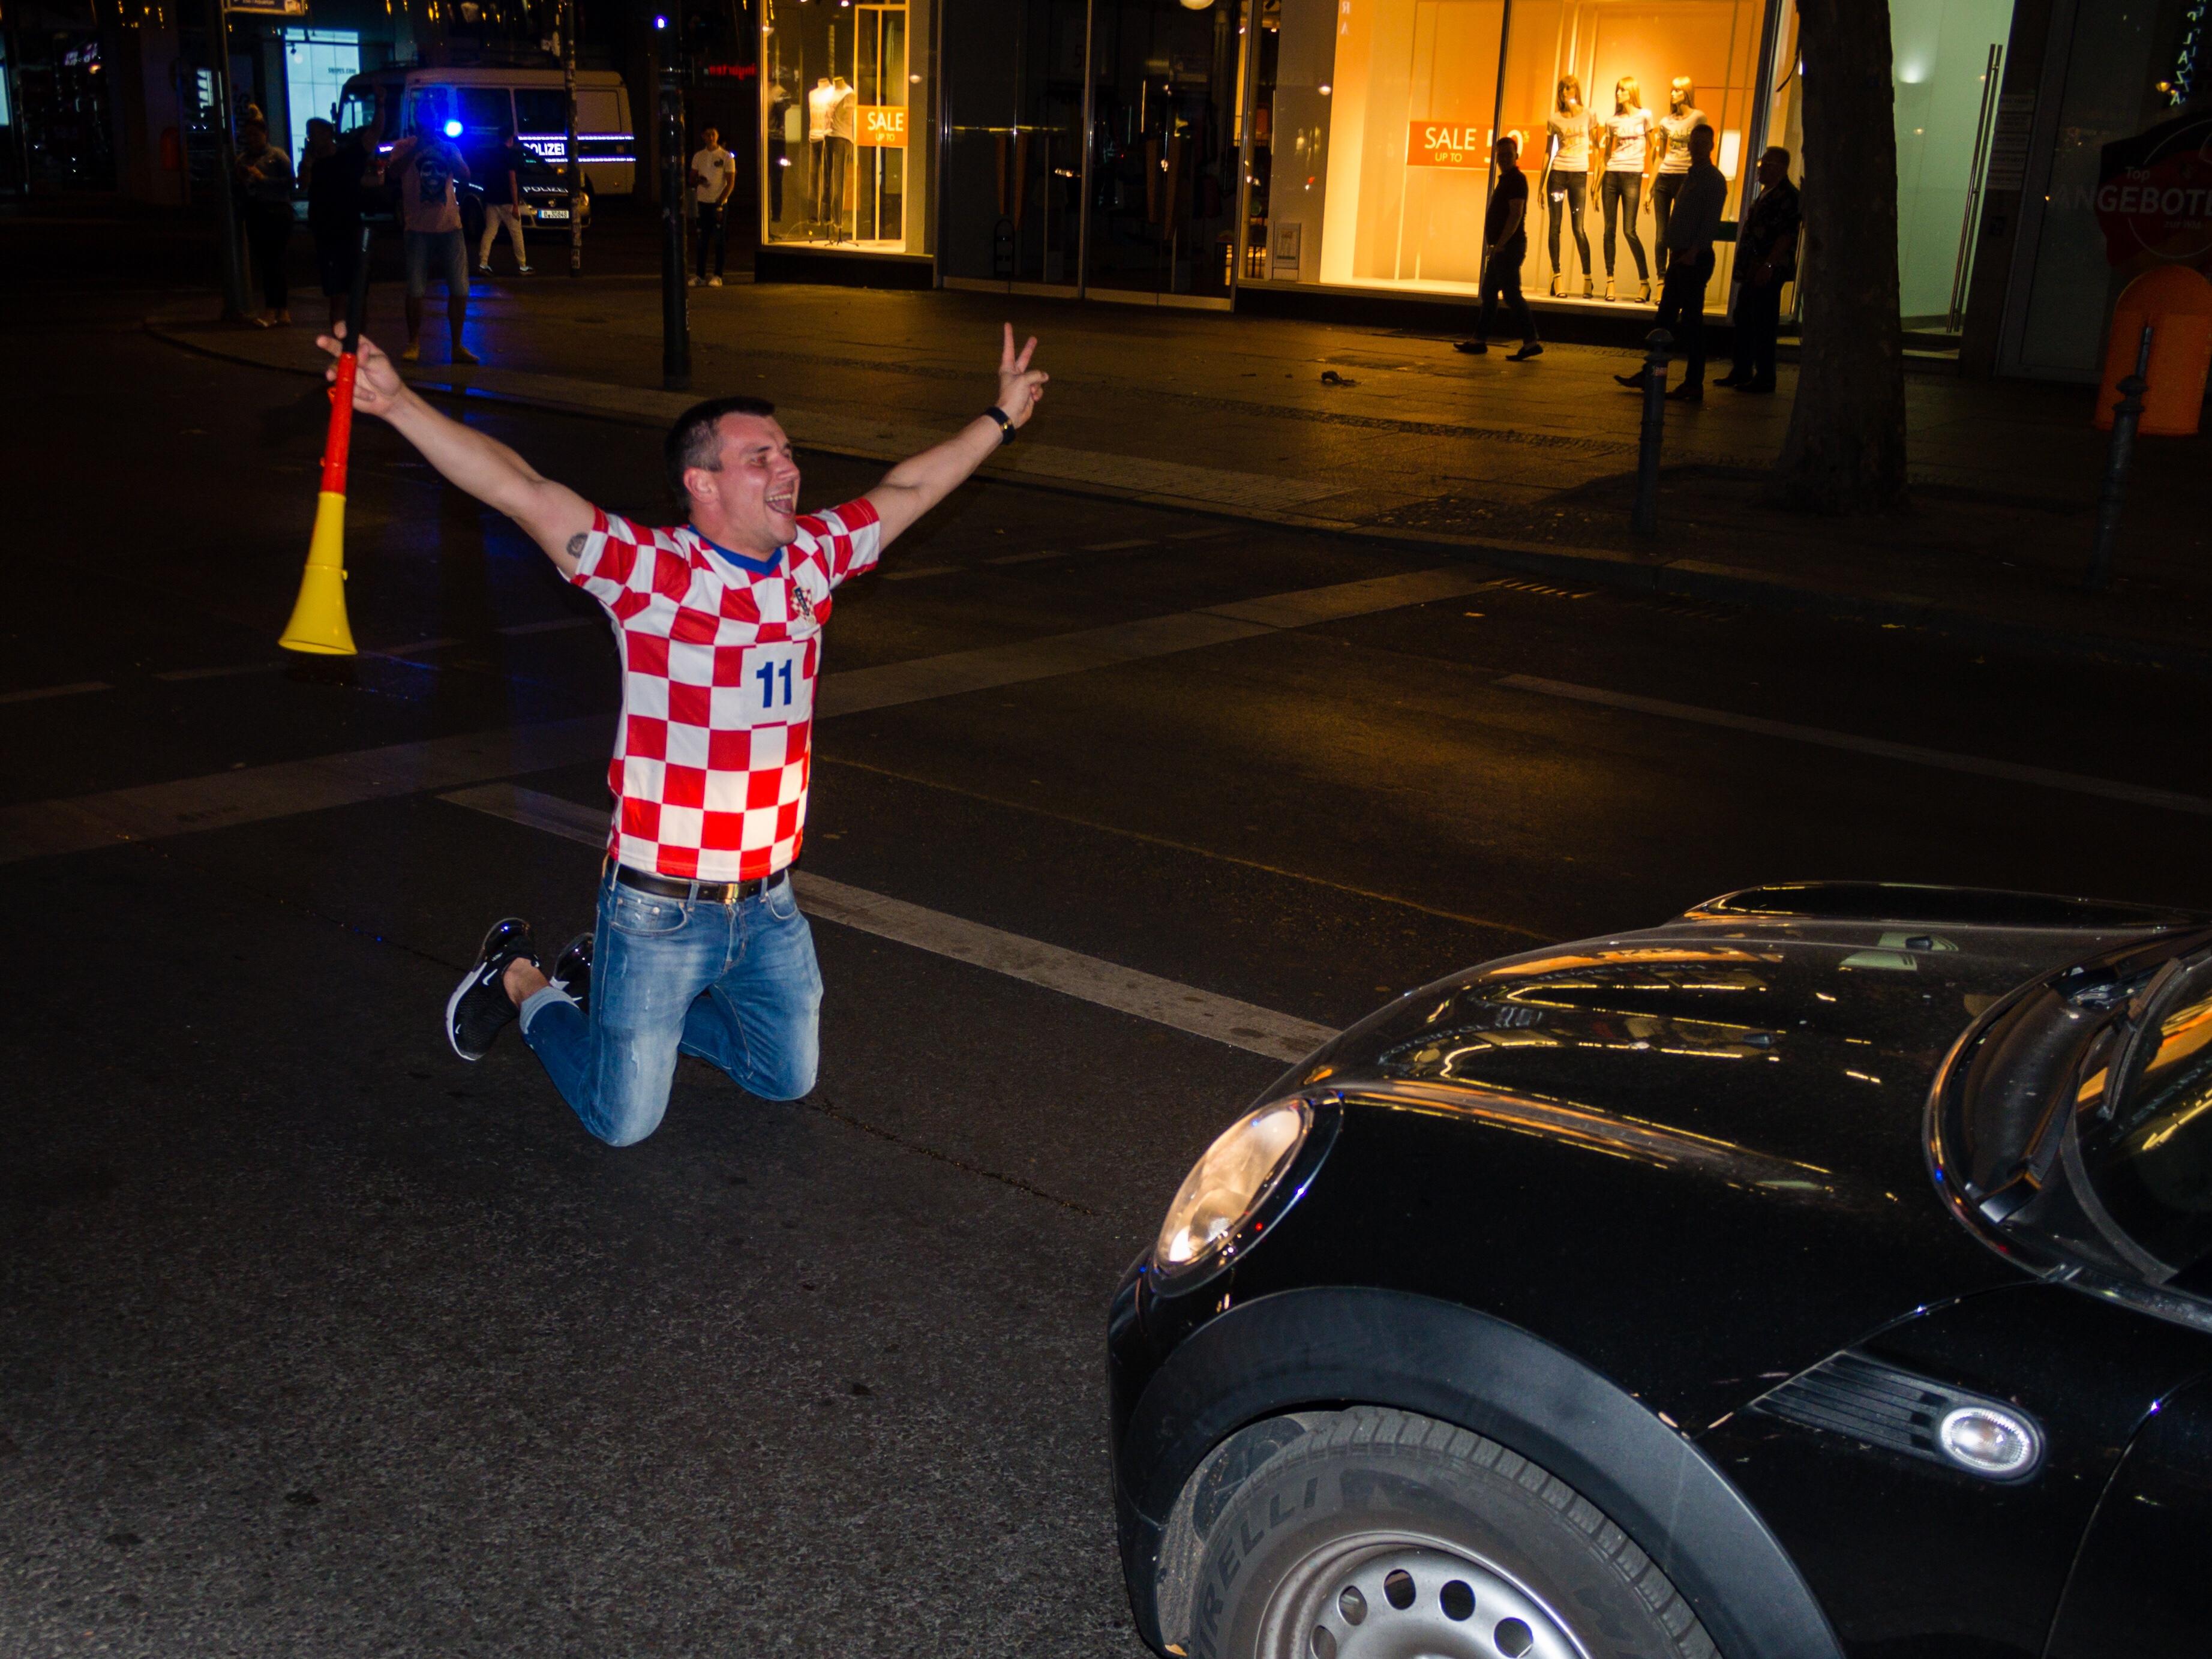 Croatia won, Berlin 2018